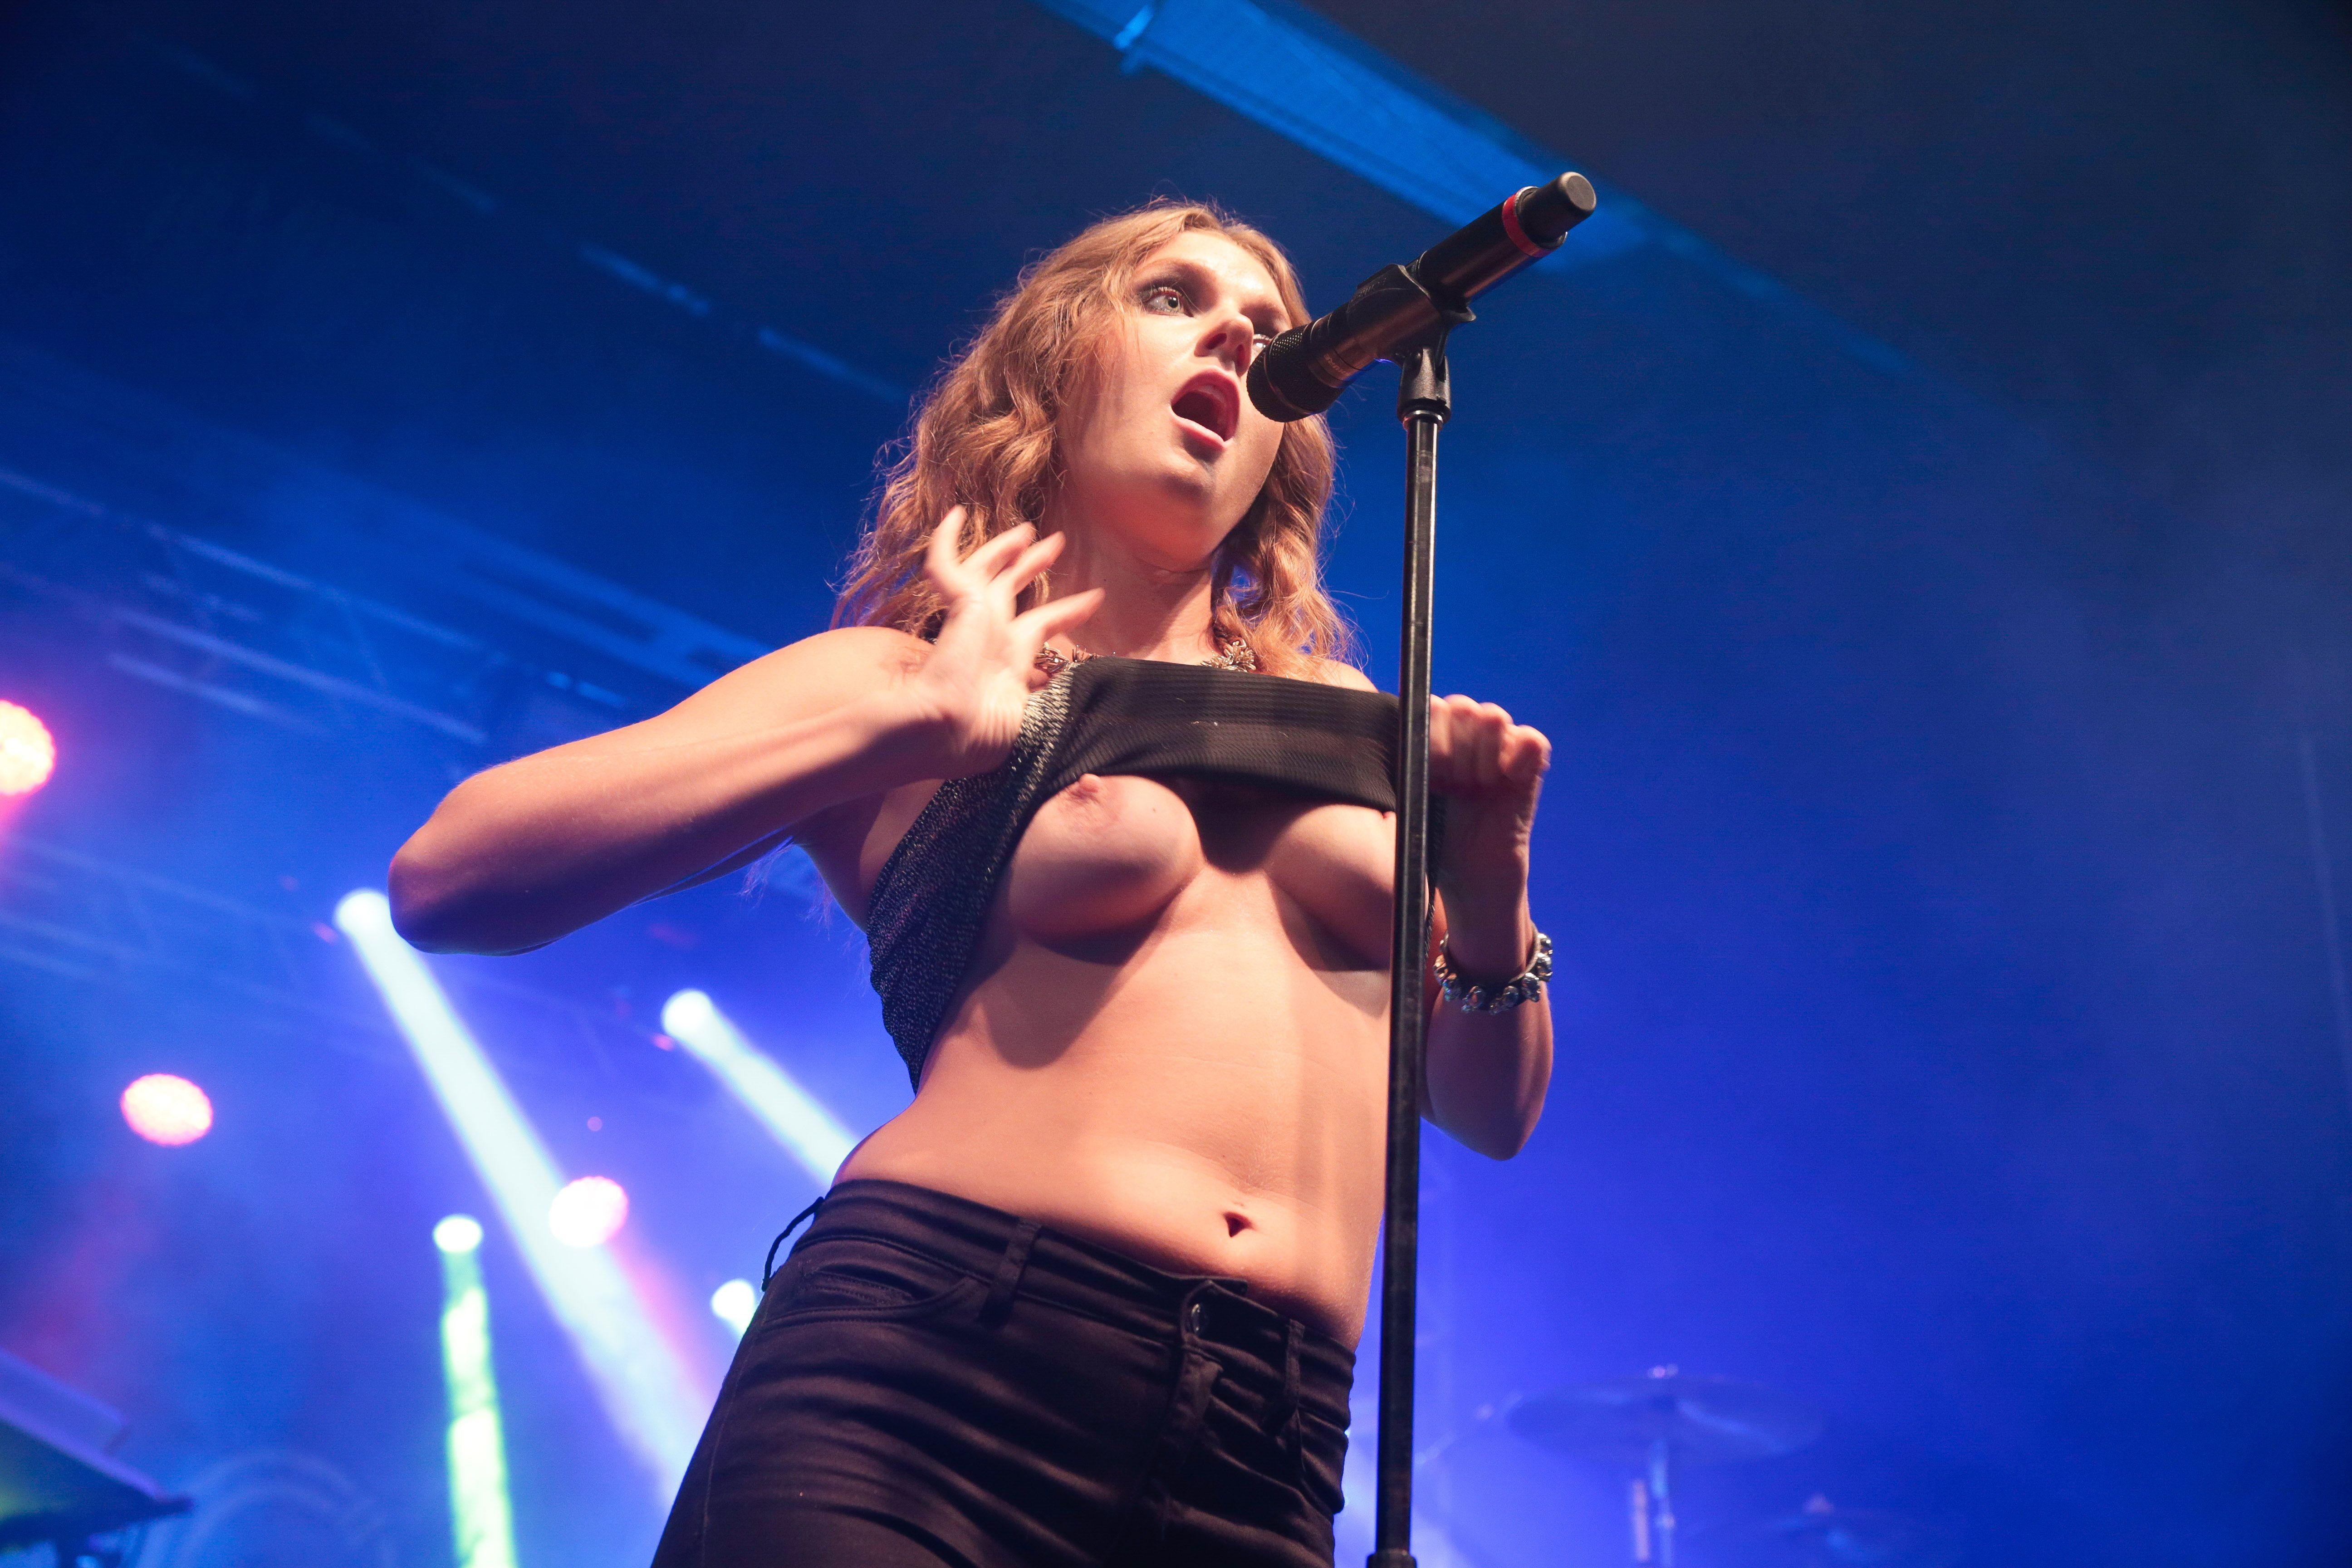 boob concert